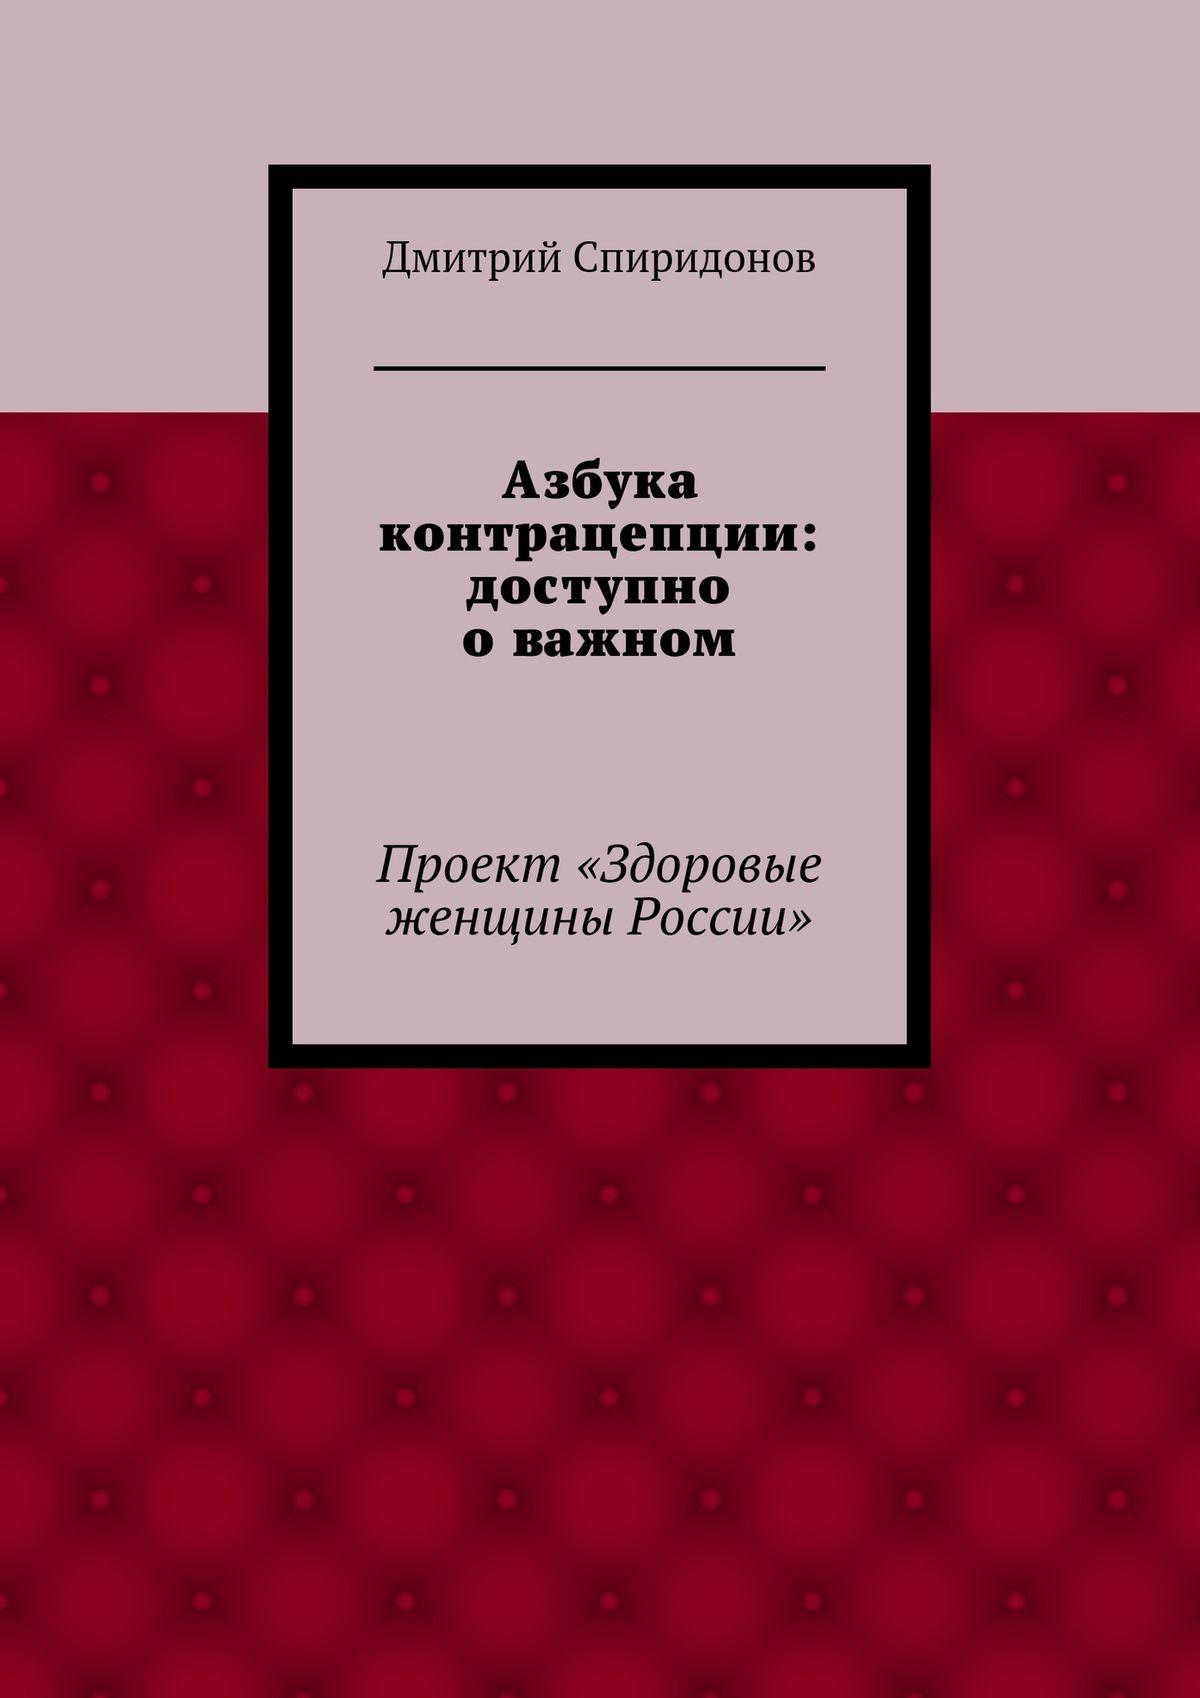 Дмитрий Спиридонов Азбука контрацепции: доступно о важном максим спиридонов дмитрий мендрелюк основатель издательского дома компьютерра